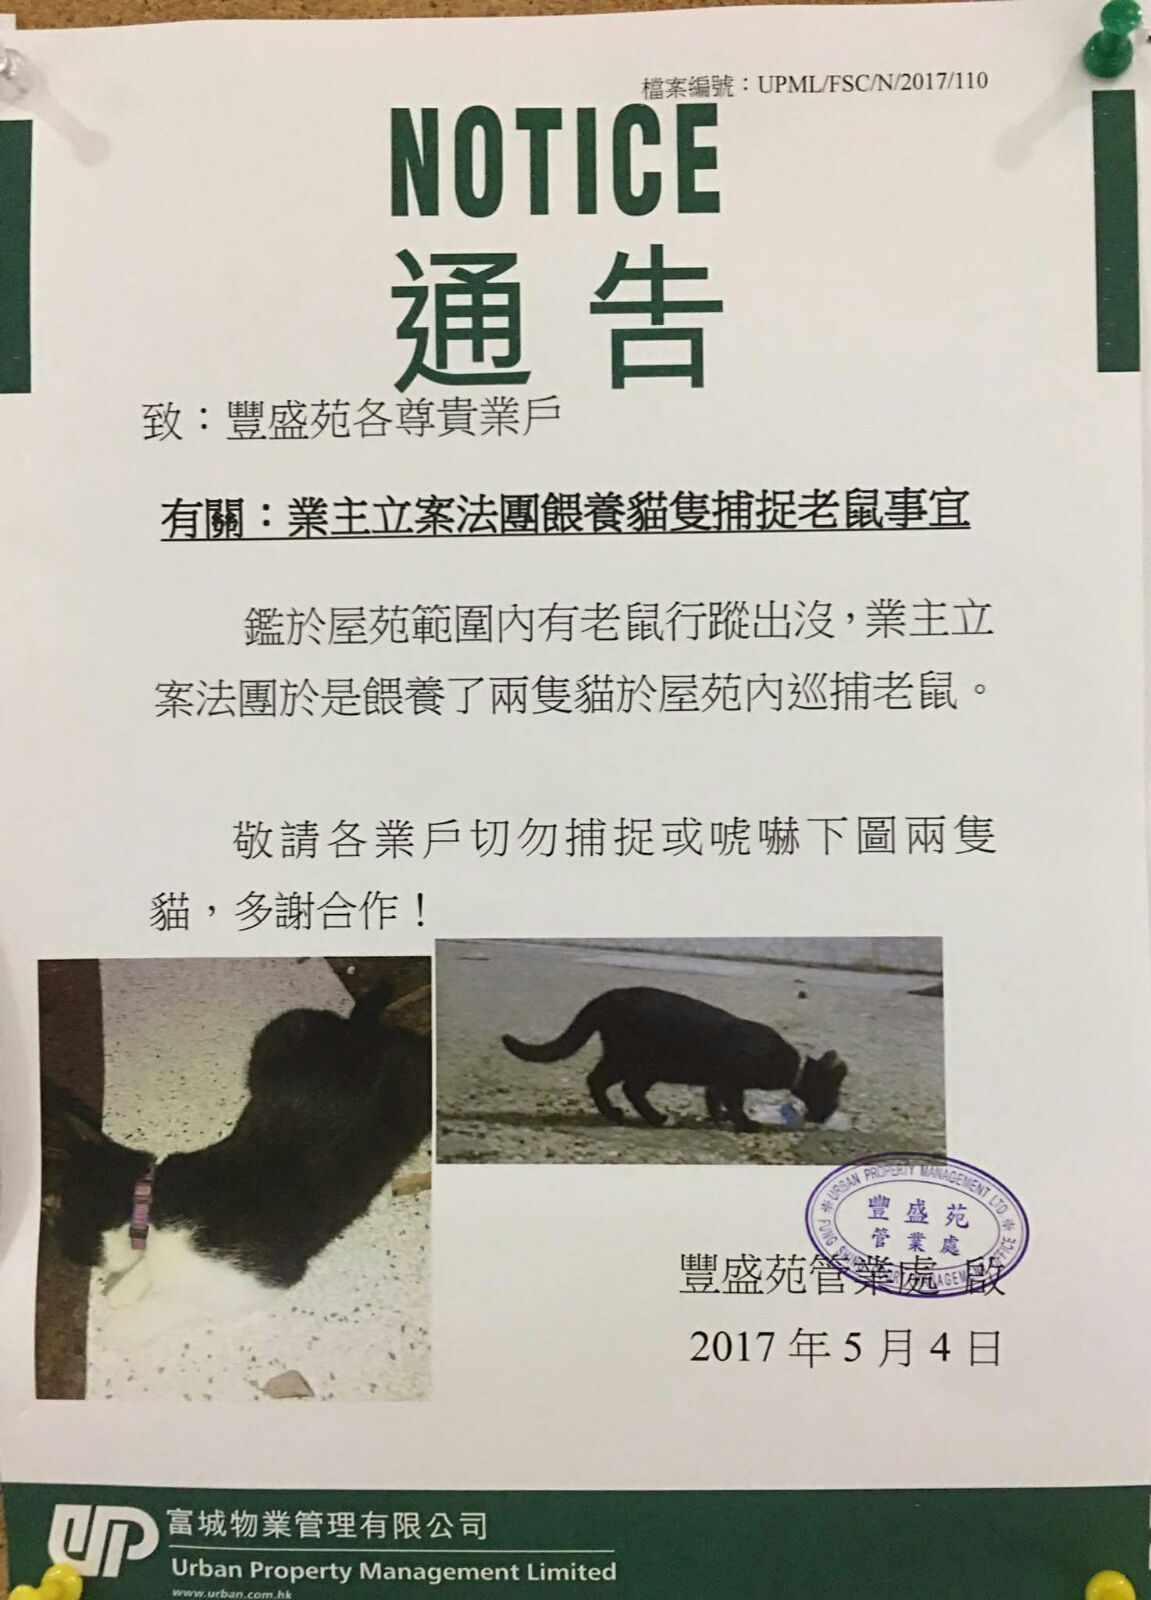 大圍豐盛苑養兩貓捉老鼠 區議員指養貓目的對動物欠尊重 | 香港動物報 Hong Kong Animal Post